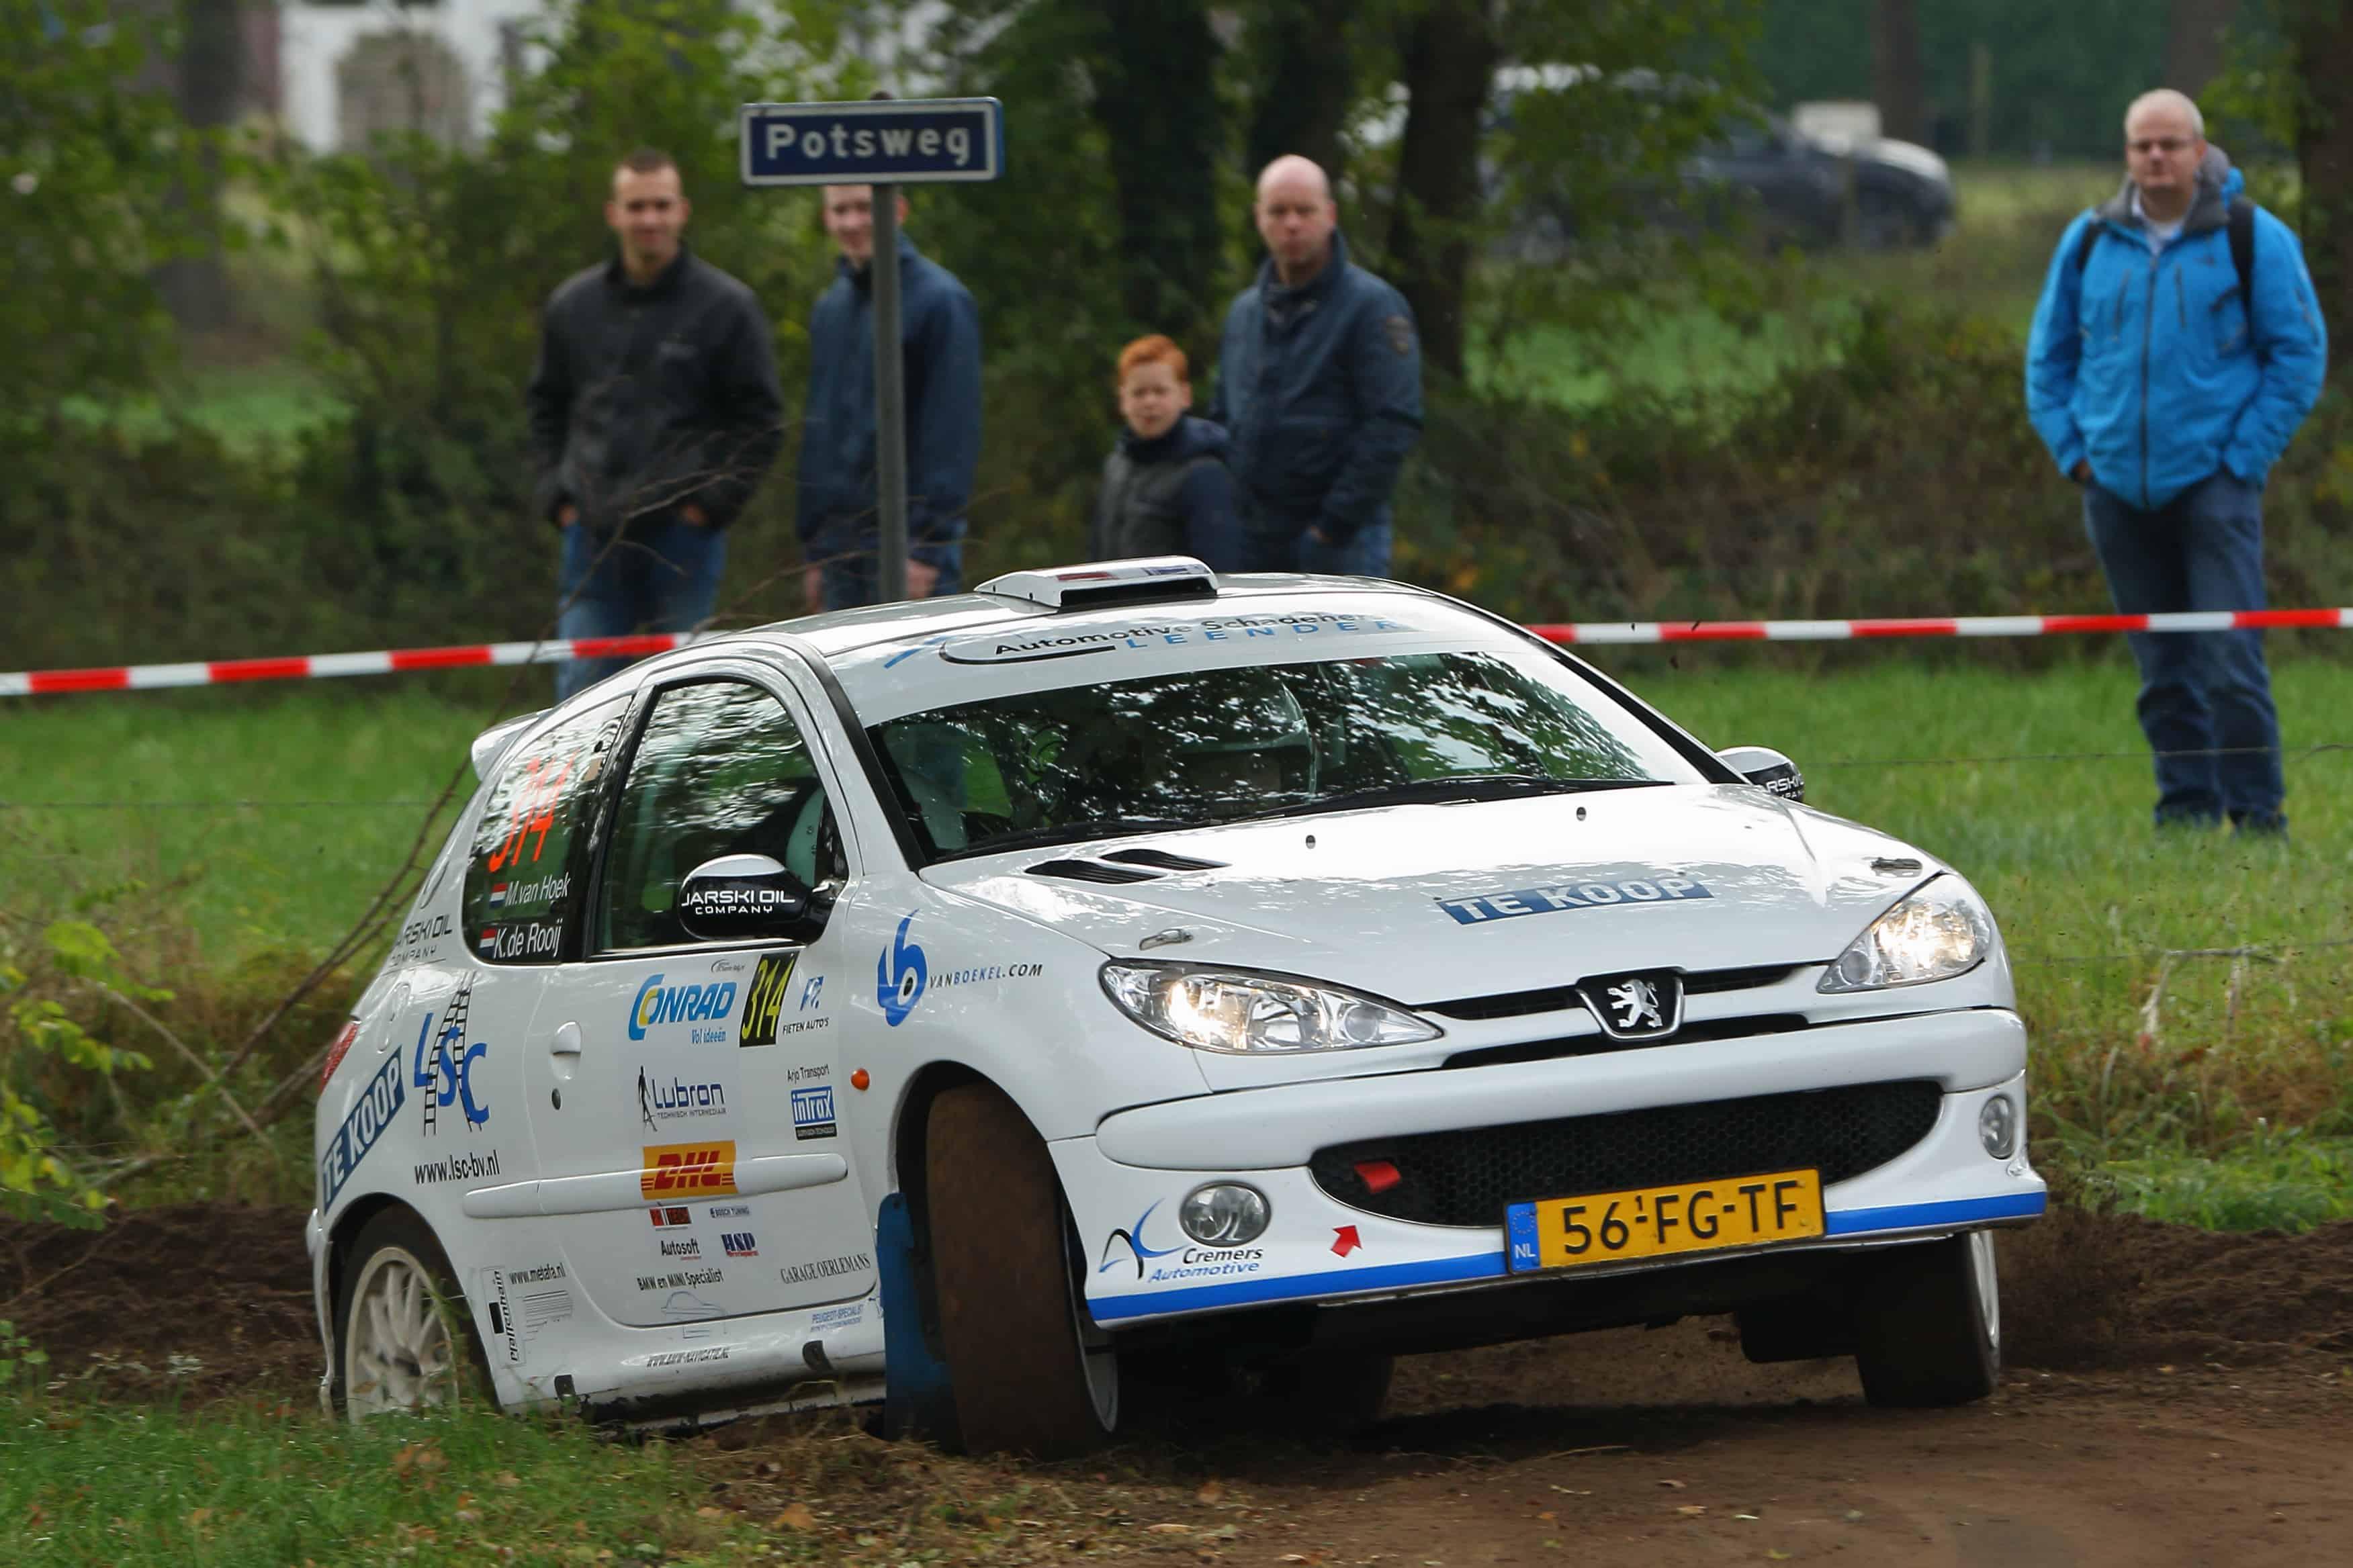 Martijn van Hoek - Peugeot 206 RC - Twente Short Rally 2016